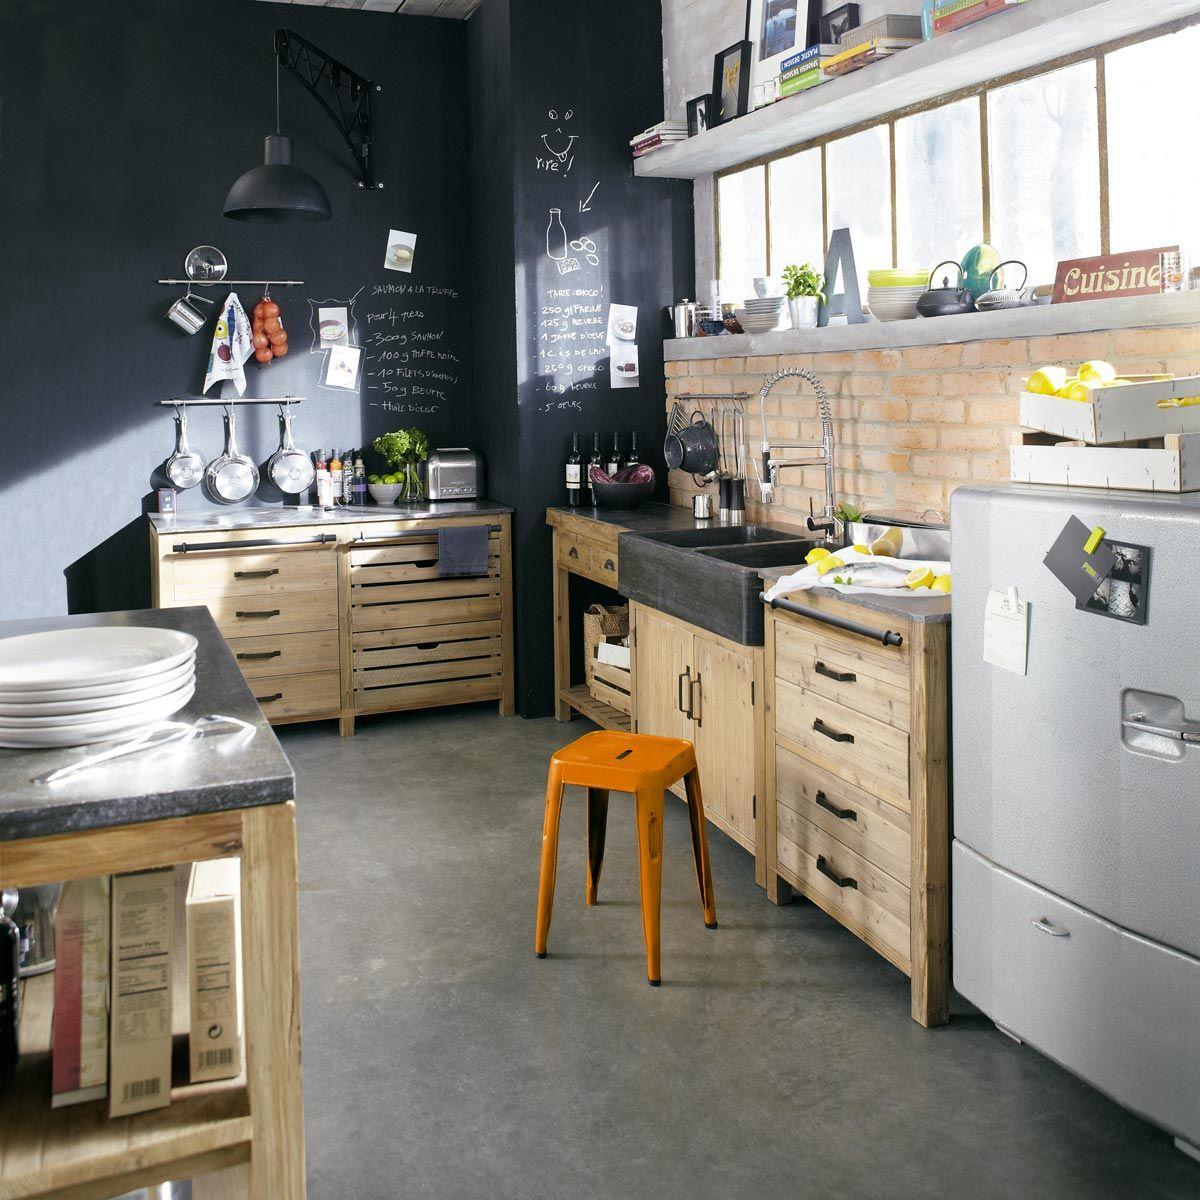 Foto pinnata dalla nostra lettrice la caccavella cucina maison du monde cucina idee dal web - Maison du monde 94 ...